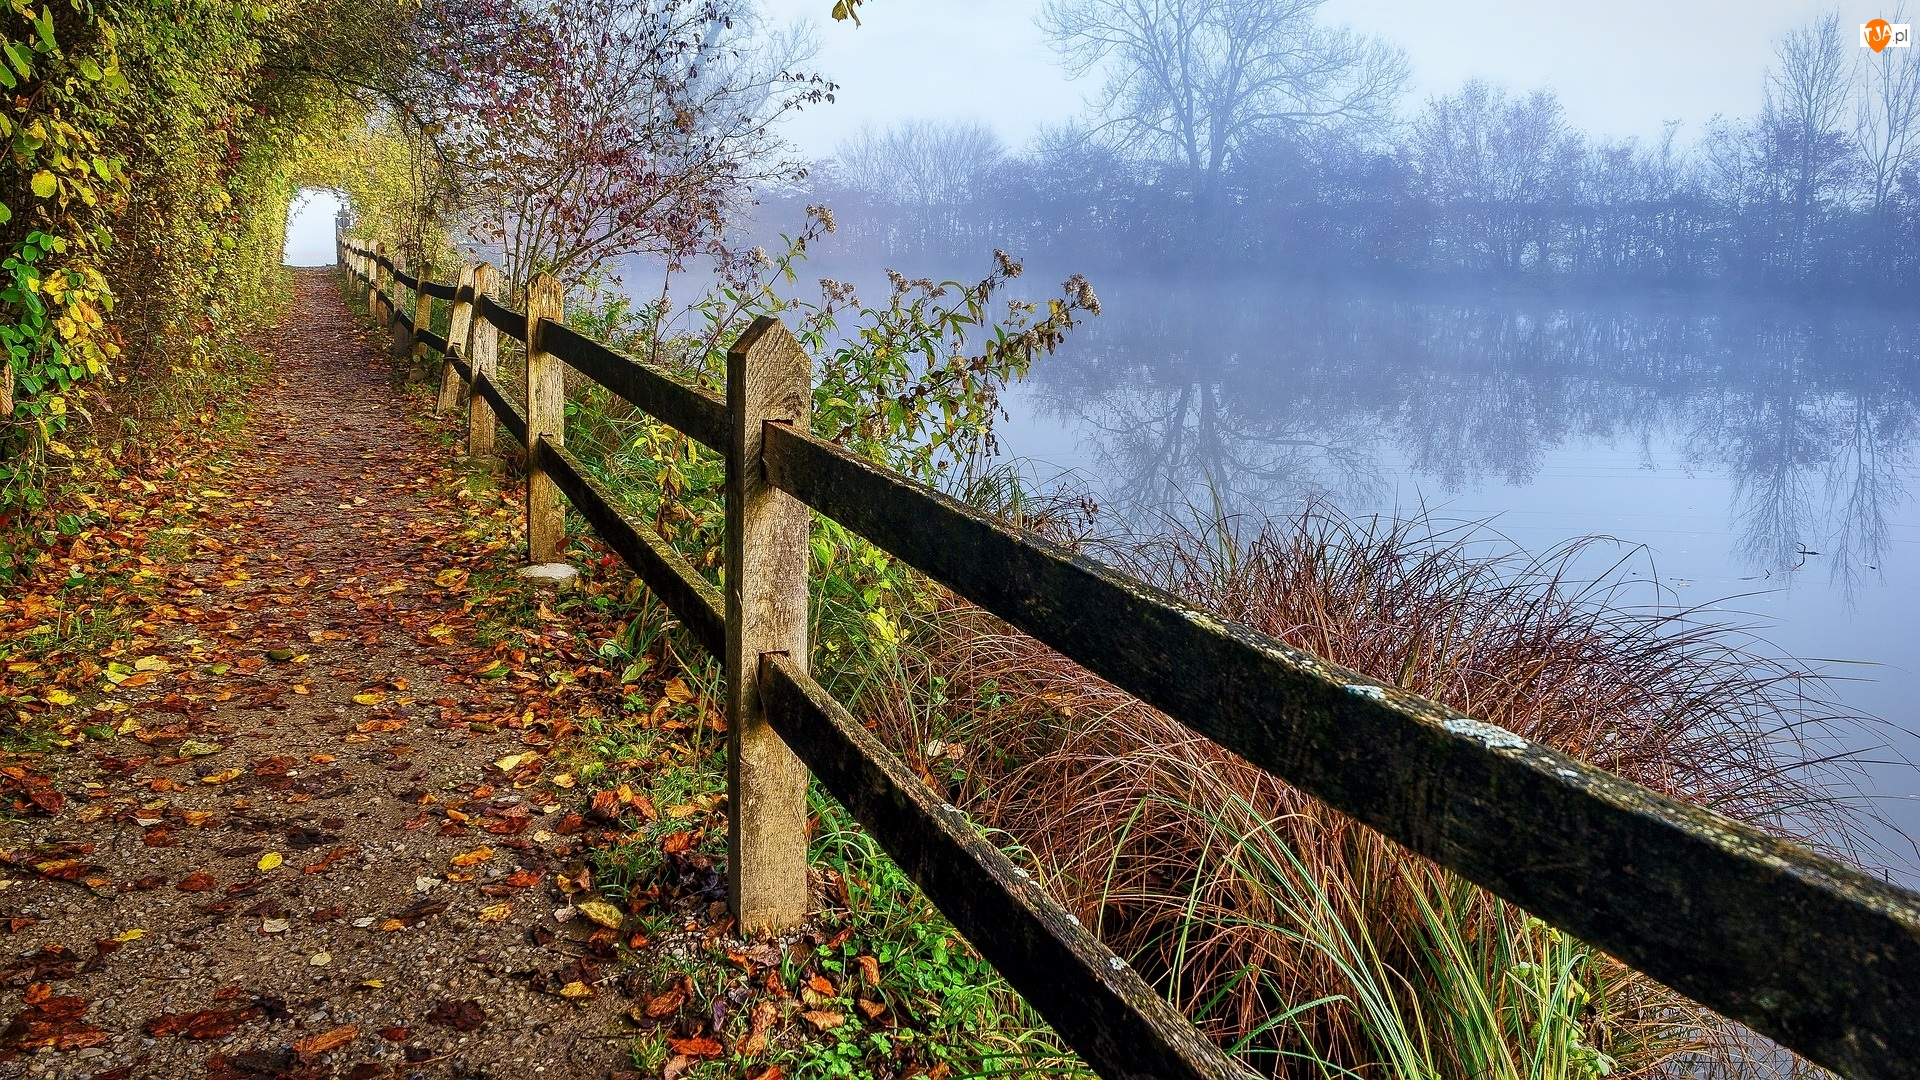 Ogrodzenie, Rośliny, Droga, Jezioro, Drzewa